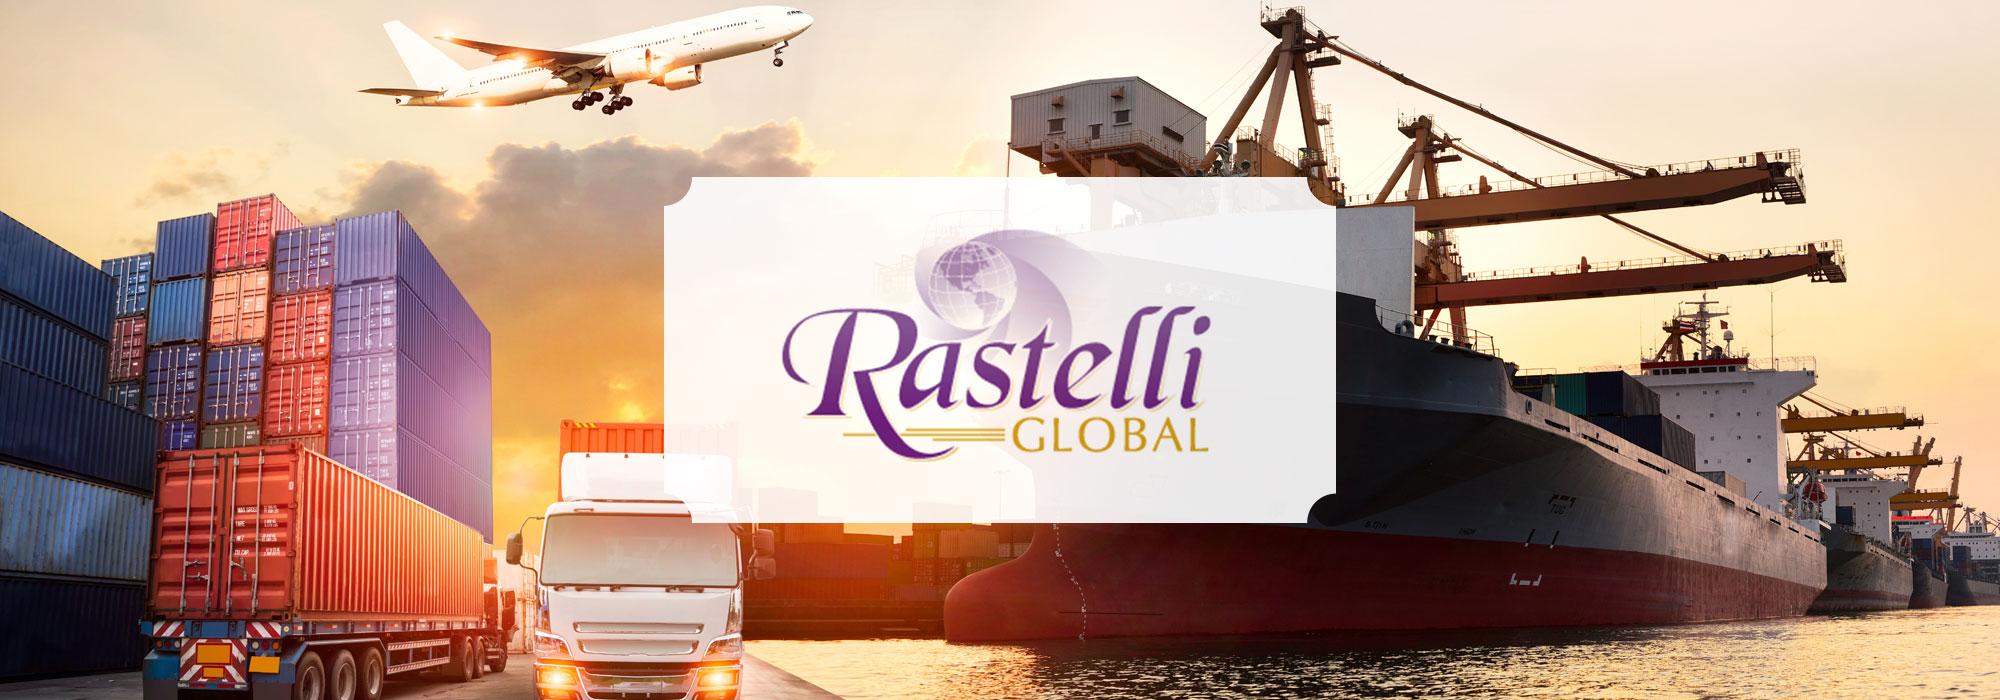 Rastelli Global